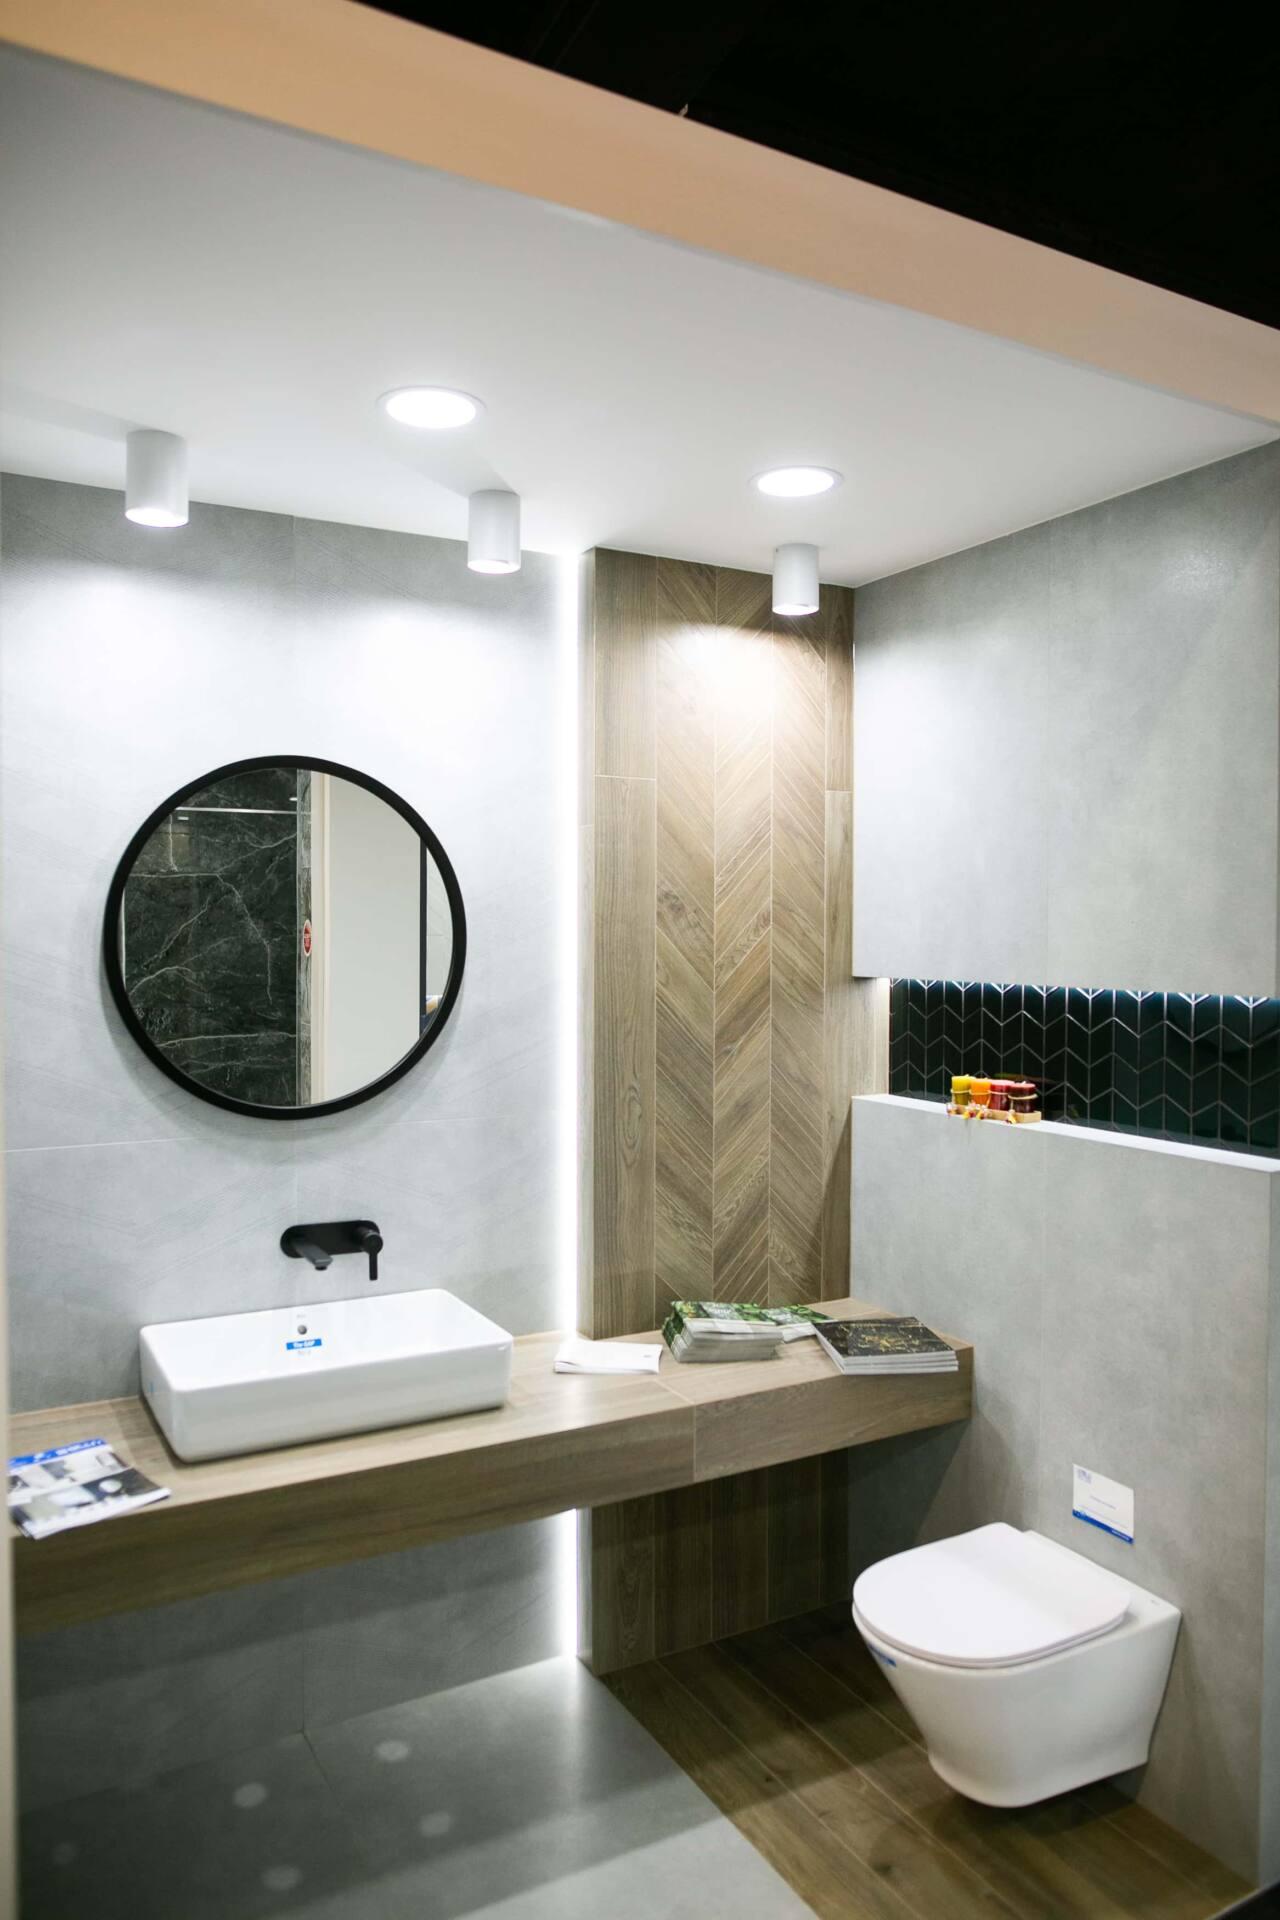 5db 5585 Salon BLU: na ponad 500 m2., 36 łazienkowych aranżacji i bogata ekspozycja wyposażenia (zdjęcia)